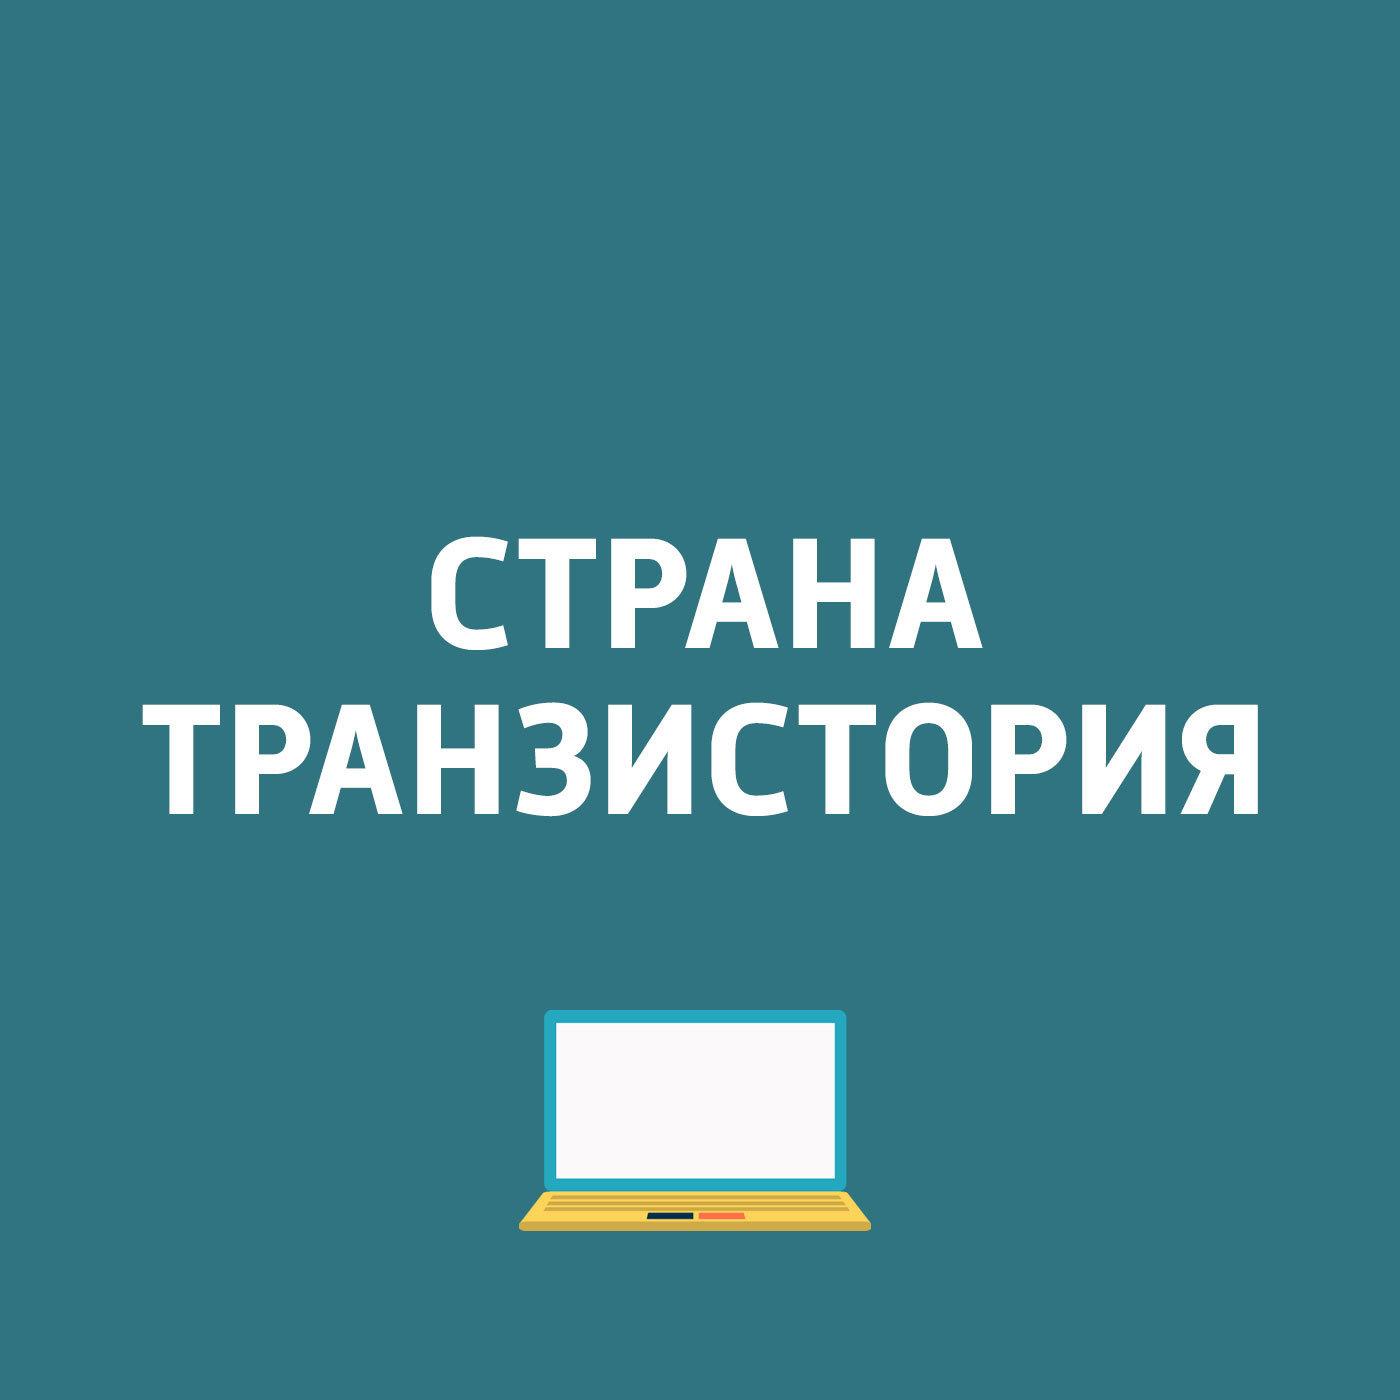 Картаев Павел Слухи о выходе в 2019 году флагманов Apple и Samsung; Закрытие сервиса Яндекс.Фотки; Google совместно с Nintendo запустили развлечение для Google Maps